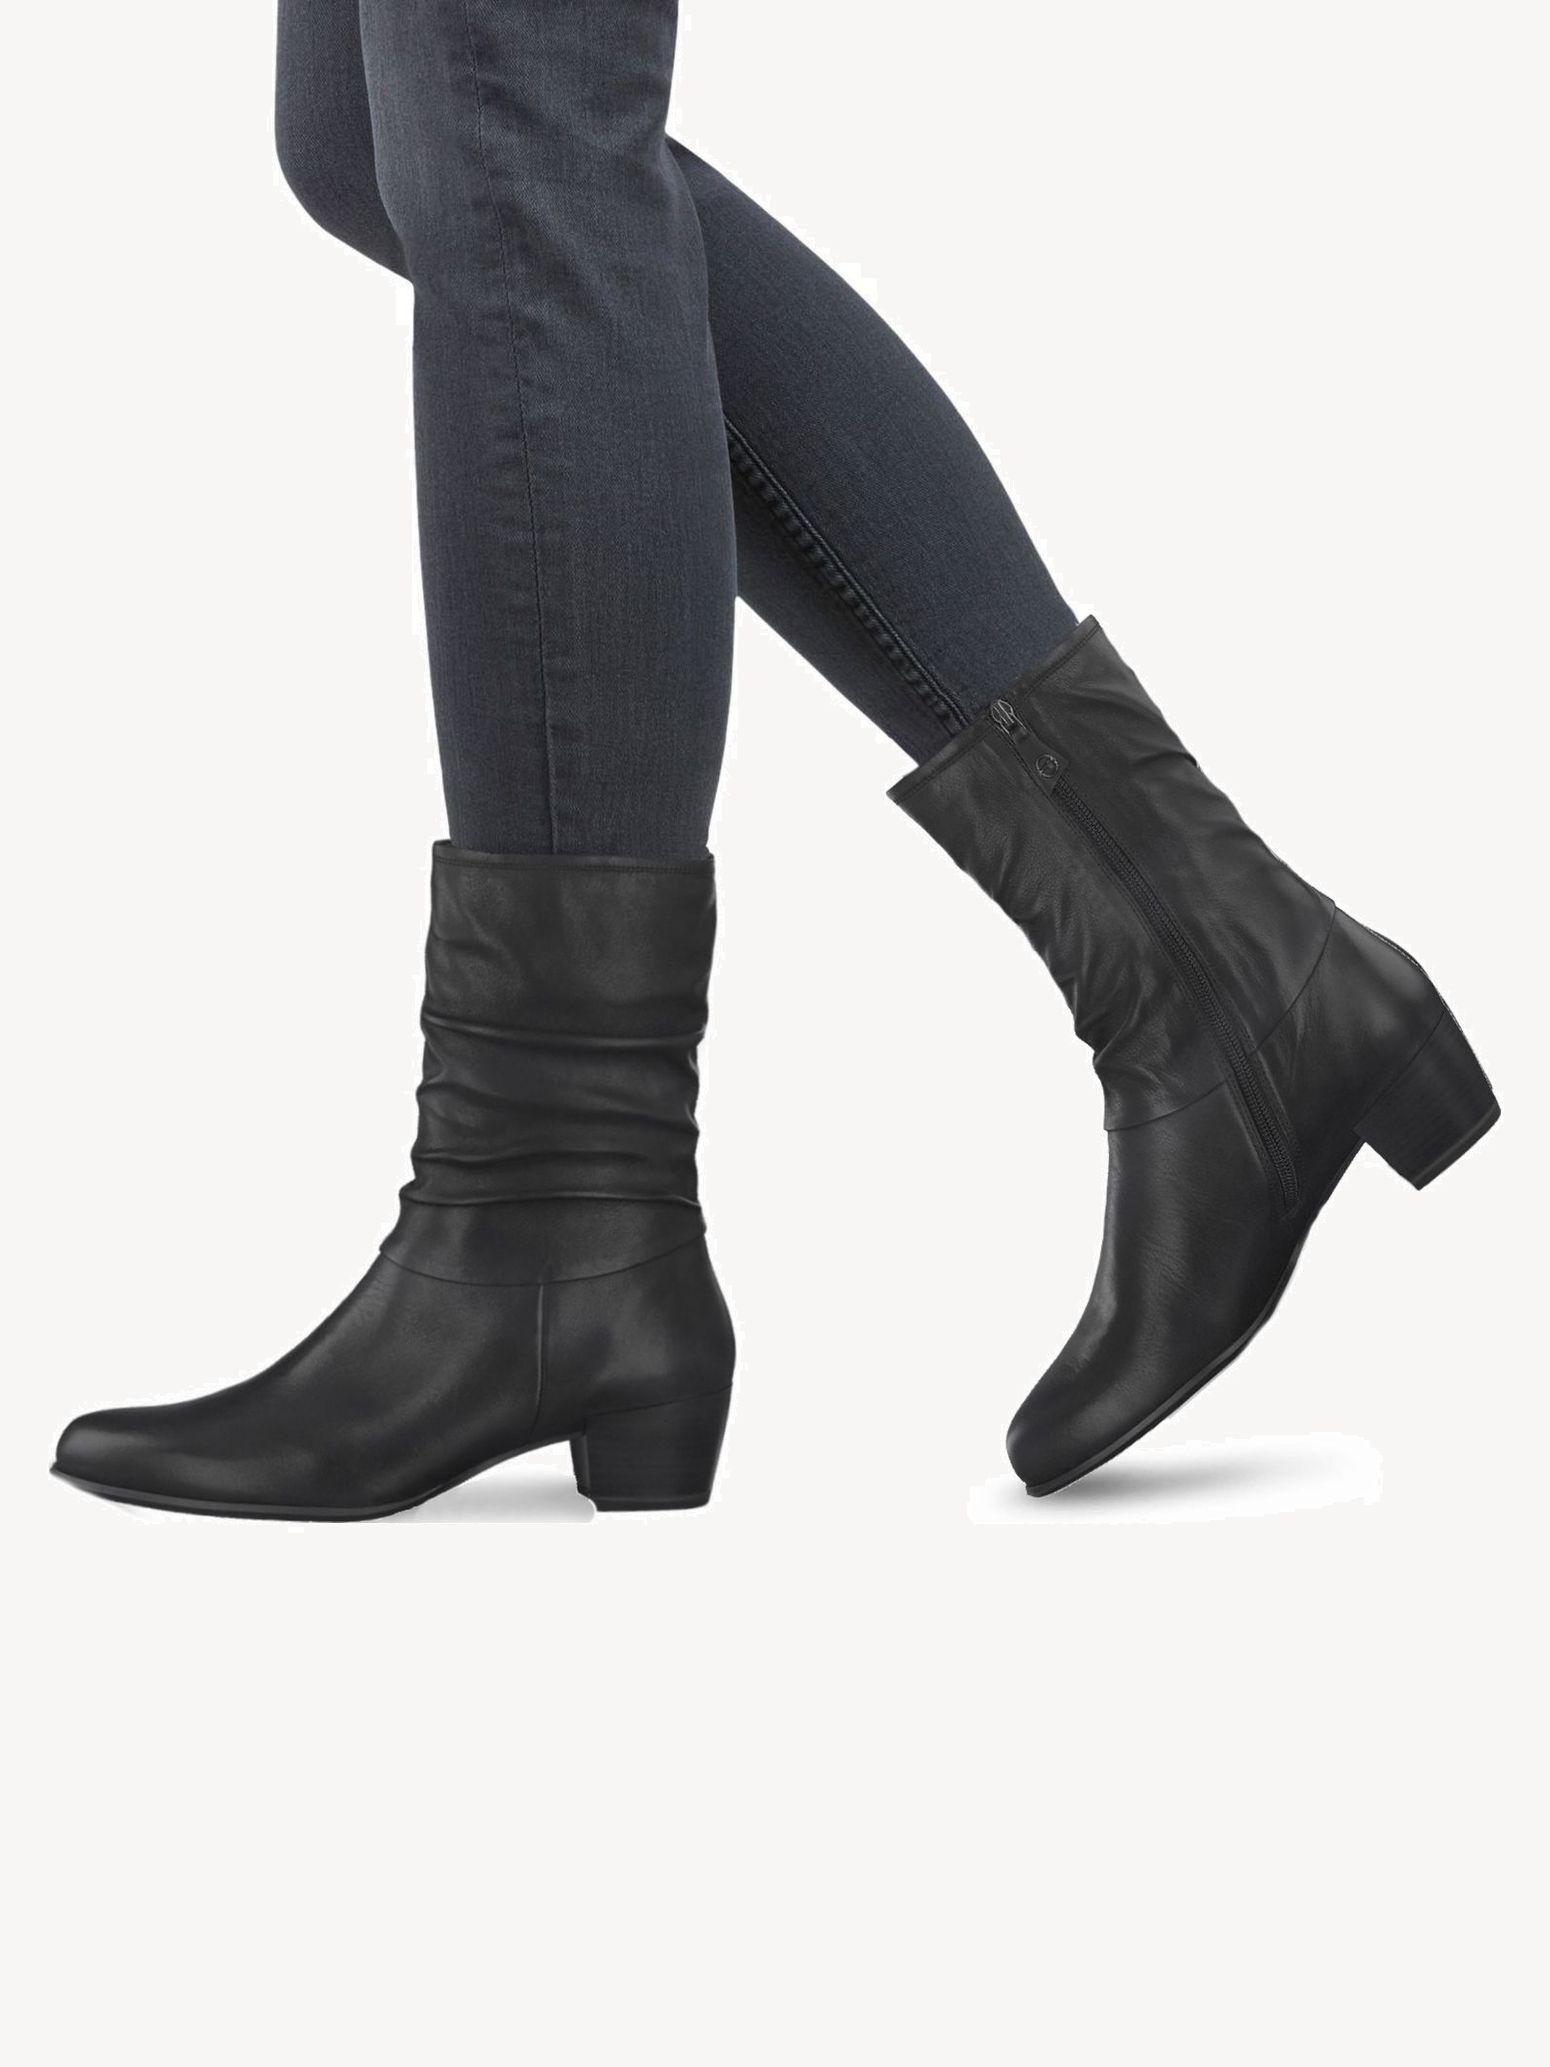 Stiefeletten für Damen online kaufen Tamaris Damenschuhe